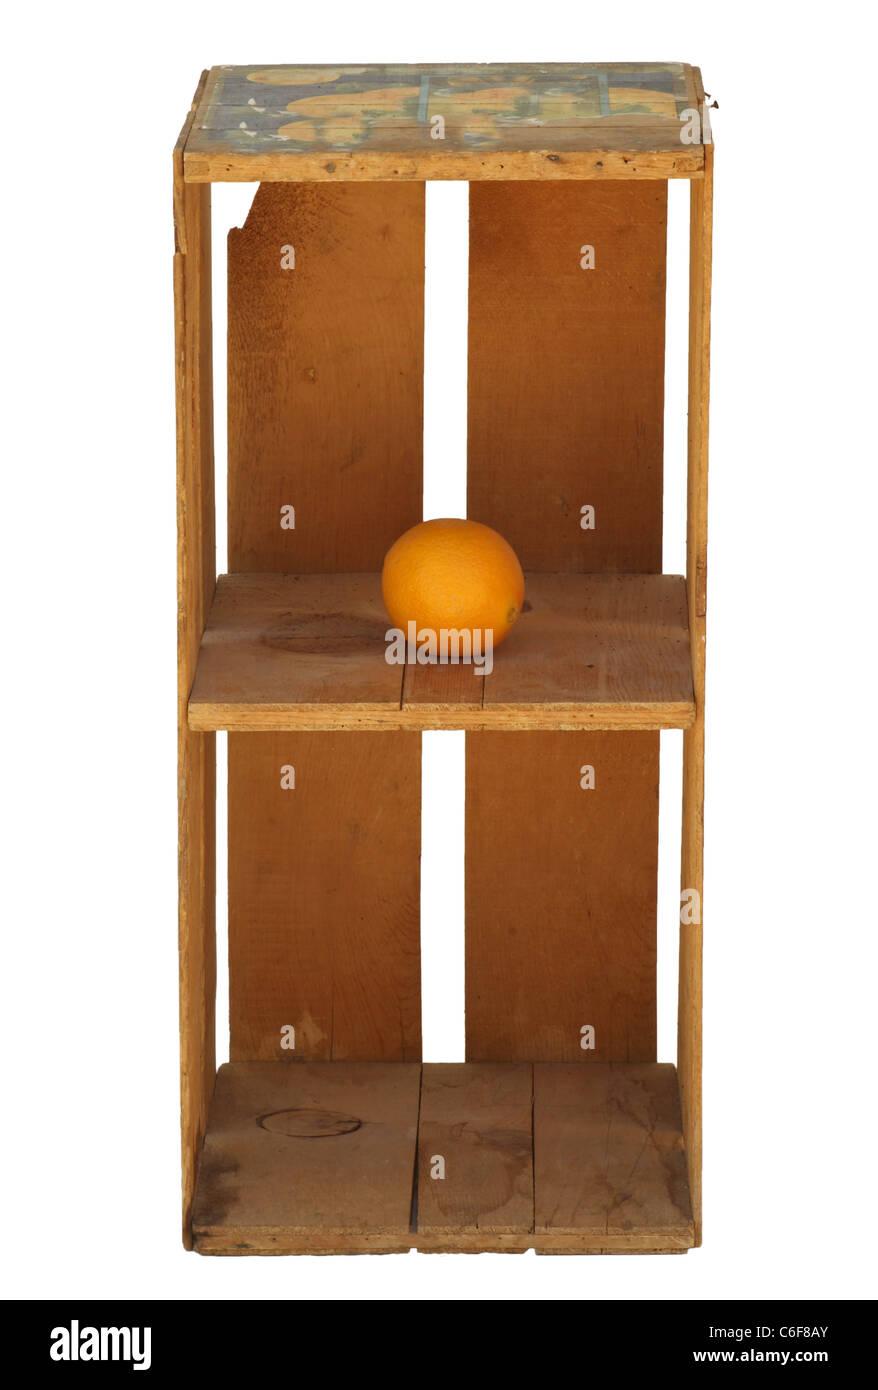 Upright Wood Orange Crate Isolated With One Orange.